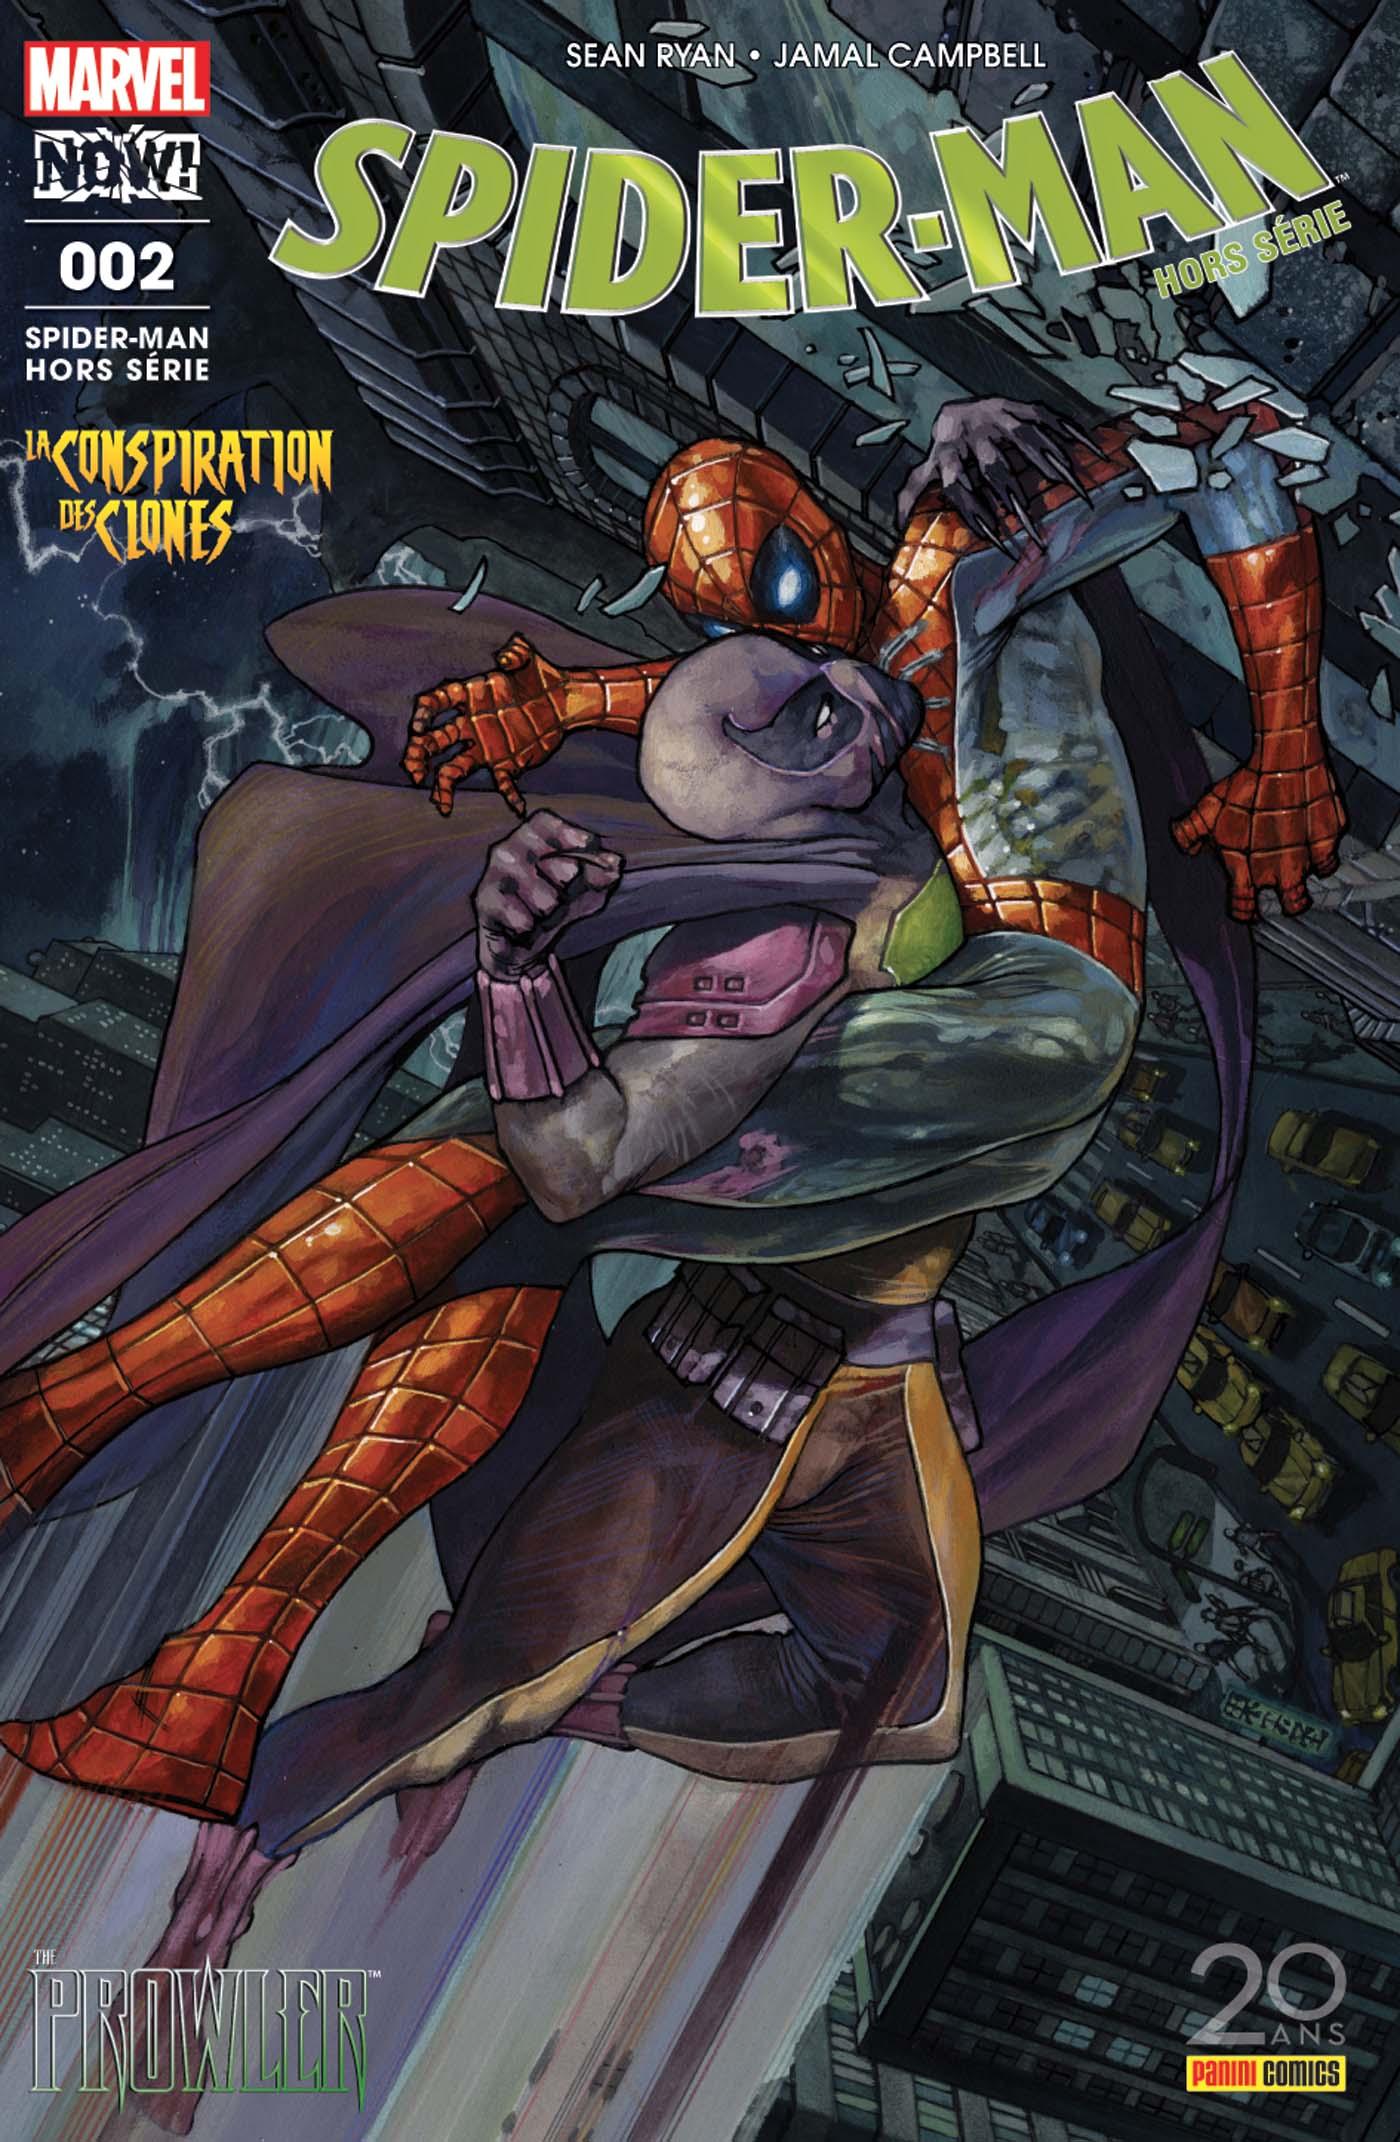 SPIDER-MAN HORS SERIE 2 : LE RÔDEUR